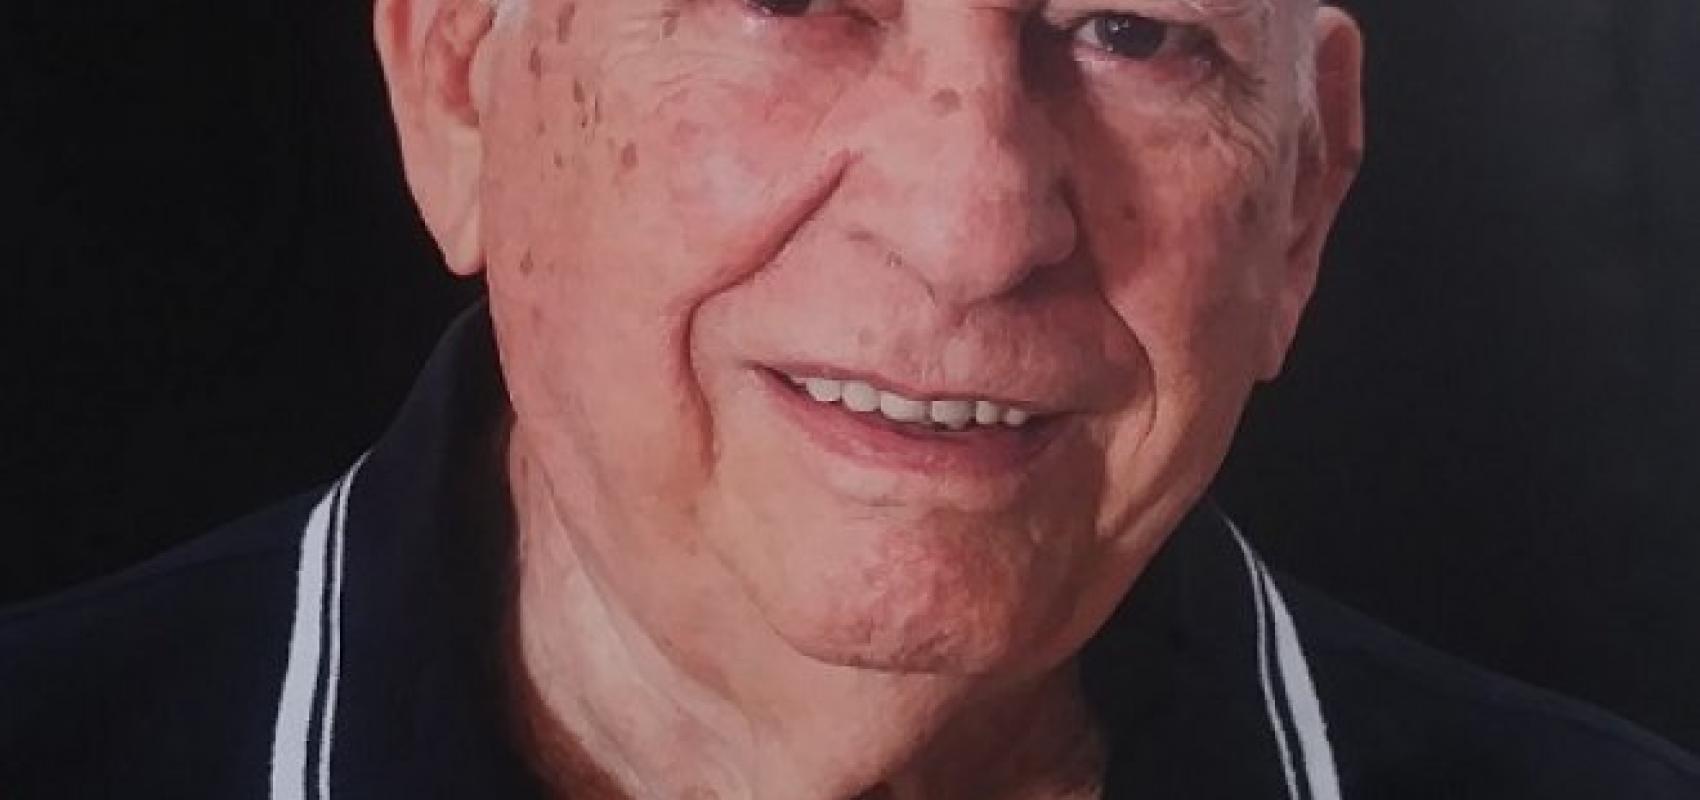 Alfredo Sosabravo, Premio Nacional  de Artes Plásticas (1997). Foto: Tomada de Cubarte.